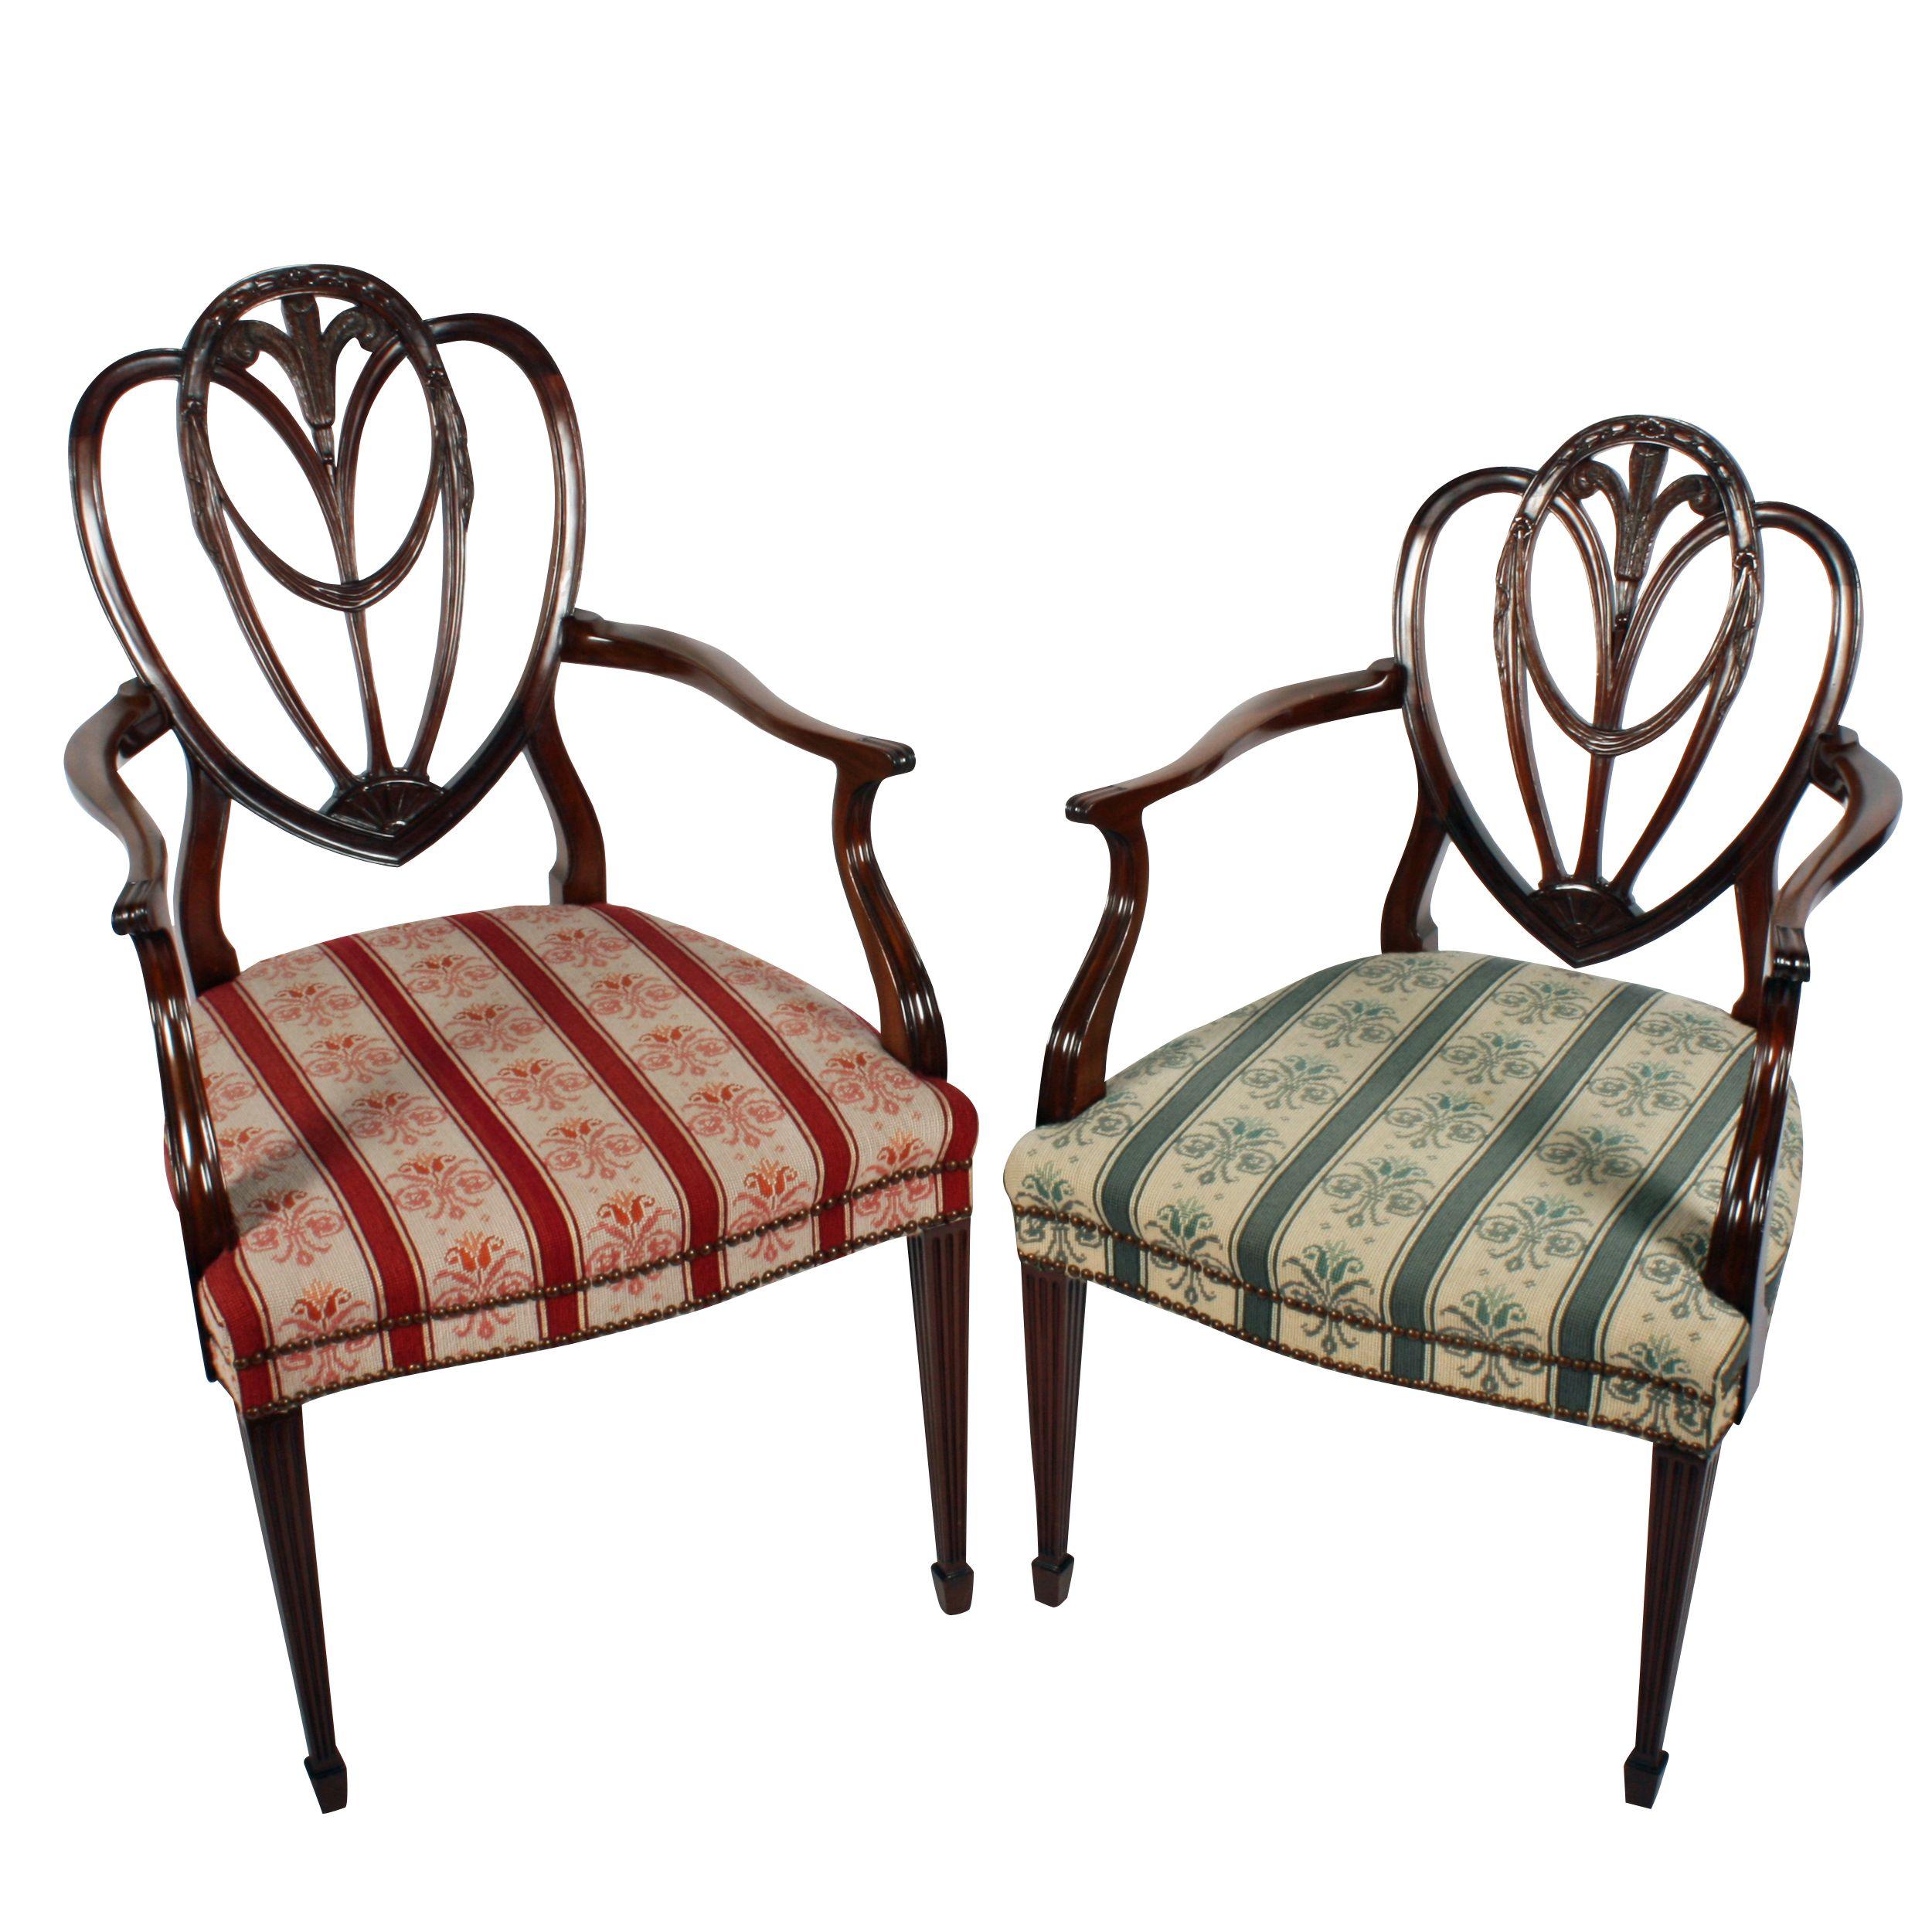 Hepplewhite Gents u0026 Ladies Arm chairs  sc 1 st  Pinterest & Hepplewhite Gents u0026 Ladies Arm chairs | Antique Bedroom furniture ...